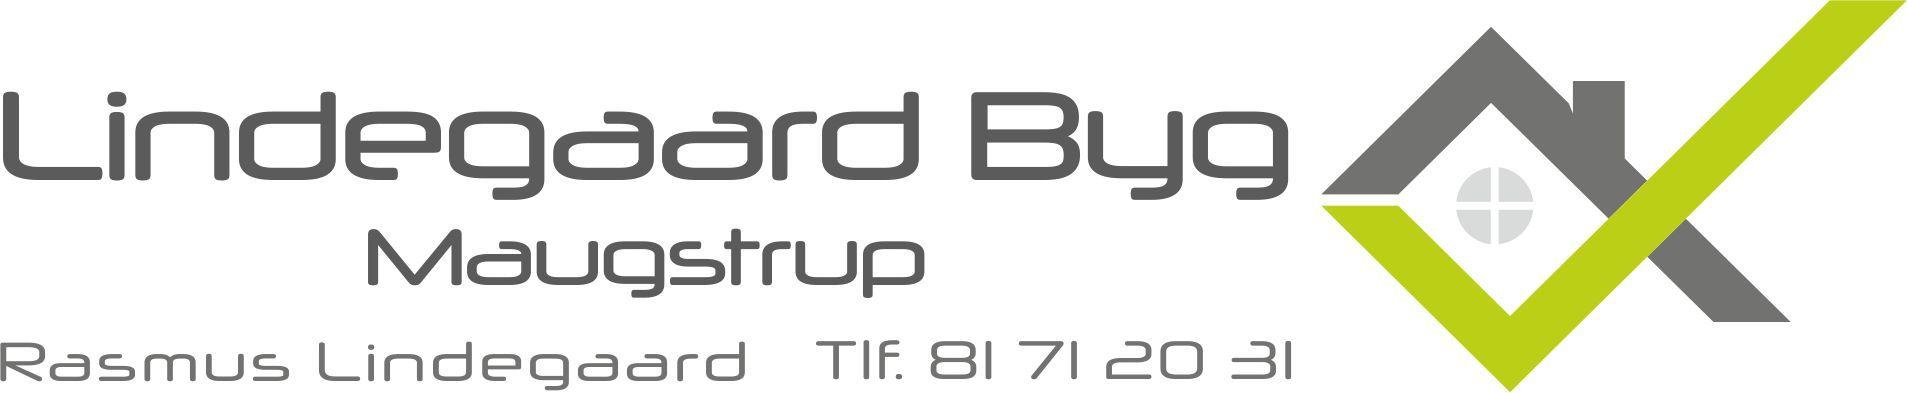 Rasmus_Lindegaard_nyt logo